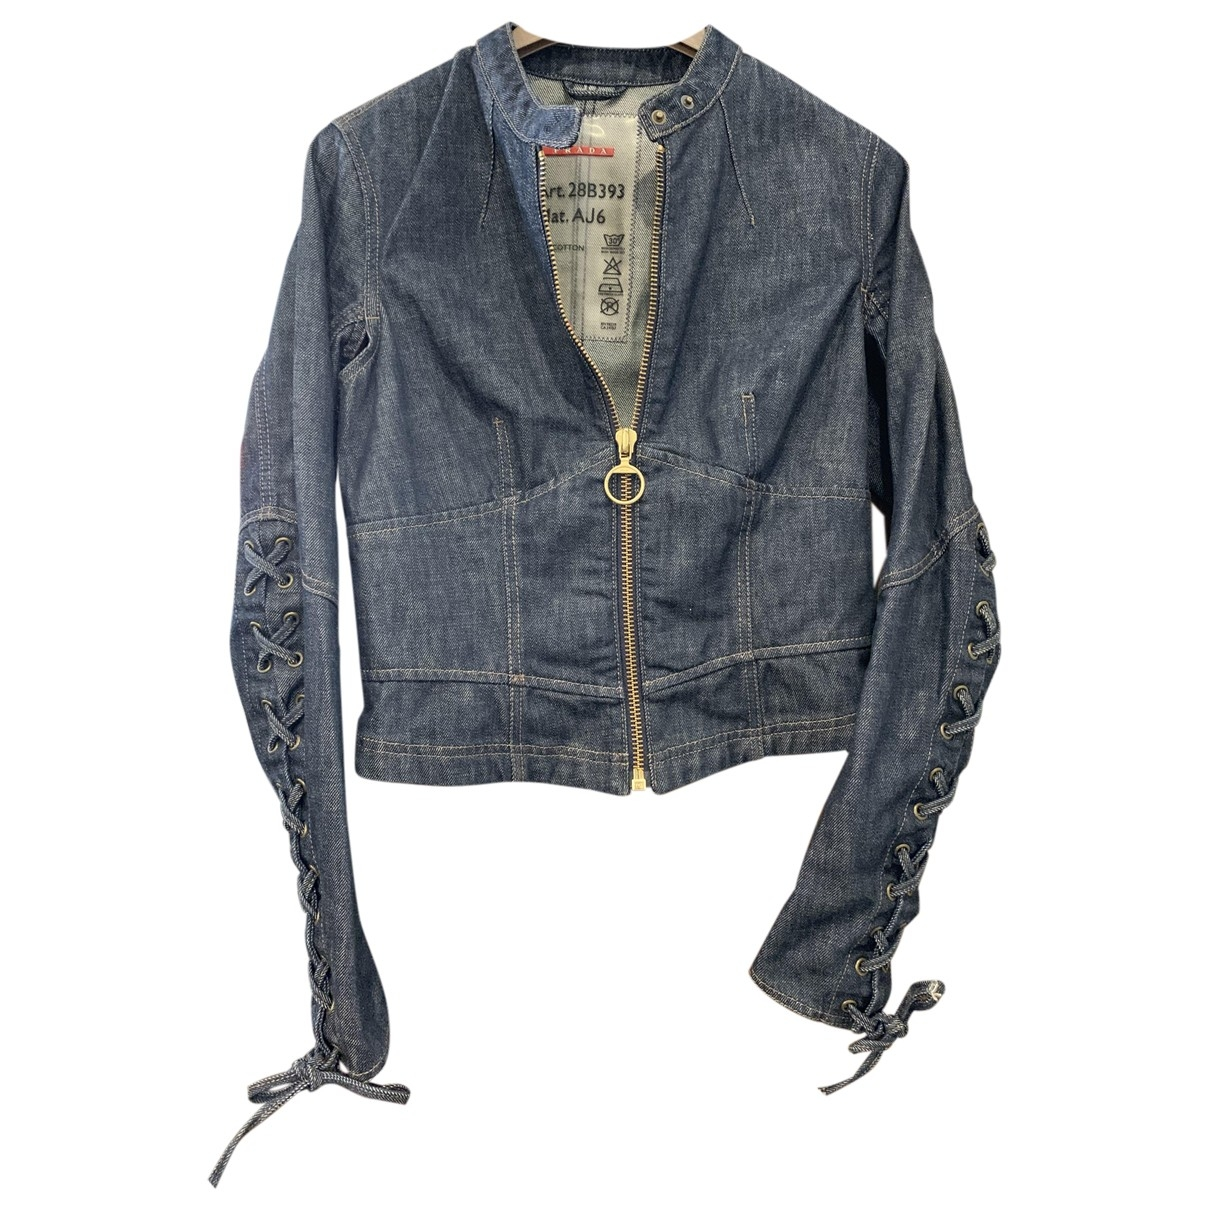 Prada \N Blue Denim - Jeans jacket for Women 42 IT